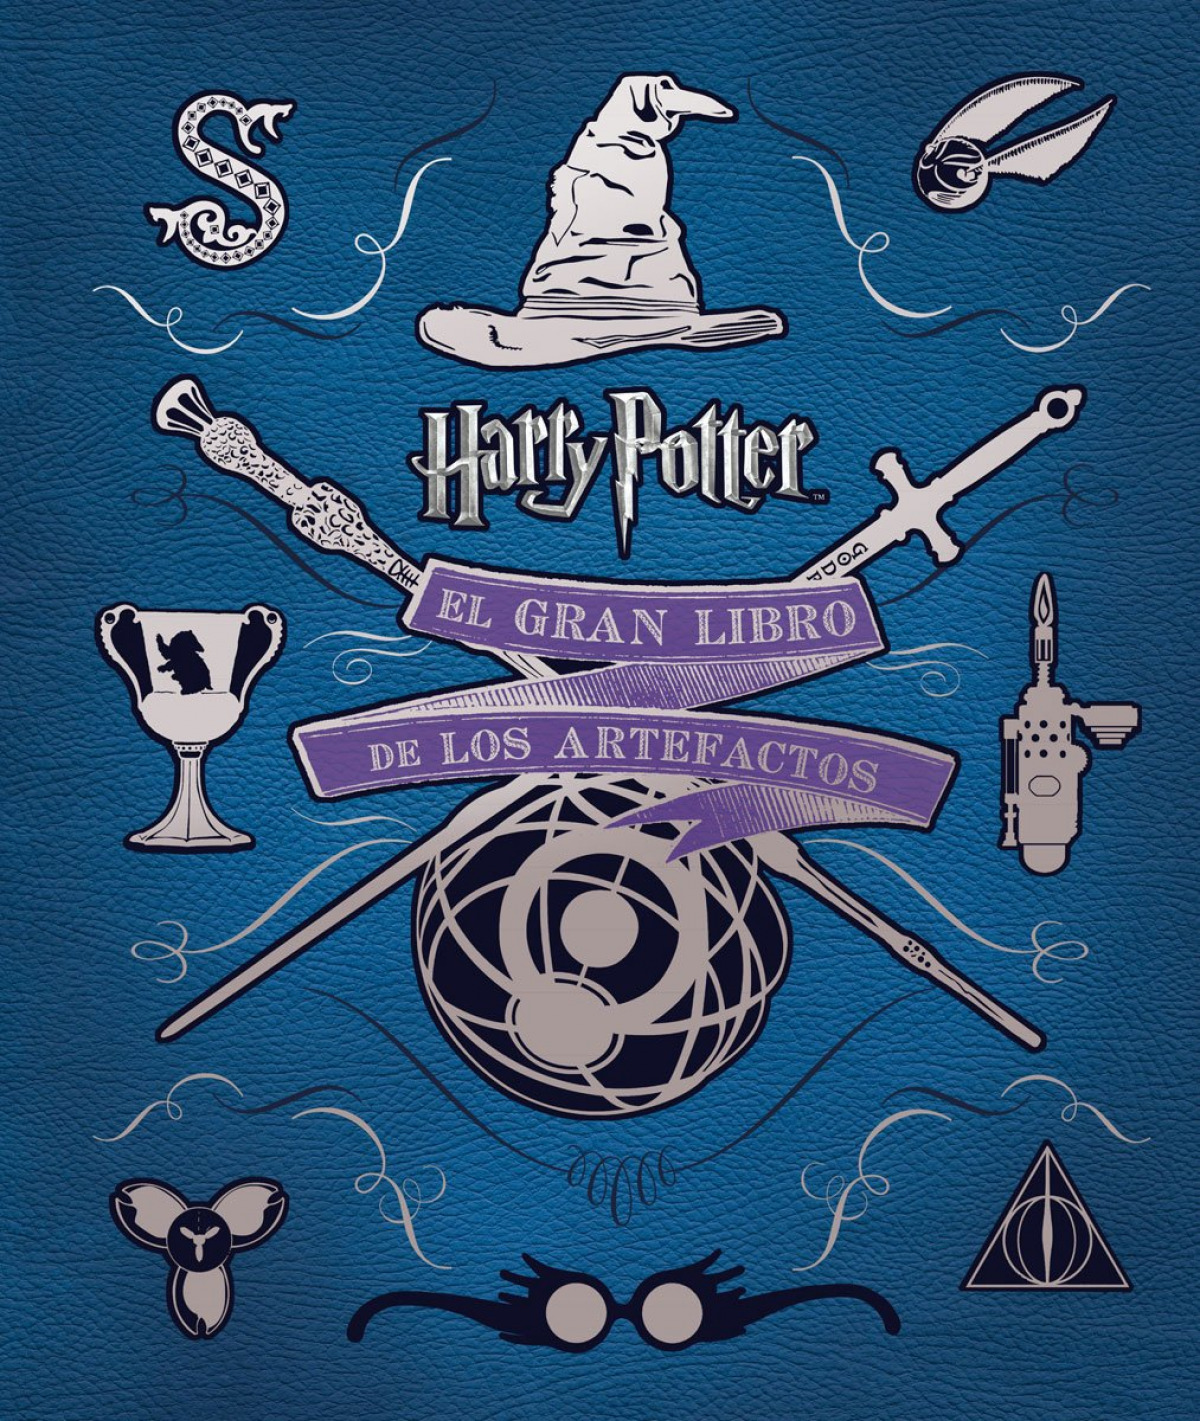 El gran libro de los artefactos de harry potter 9788467923131